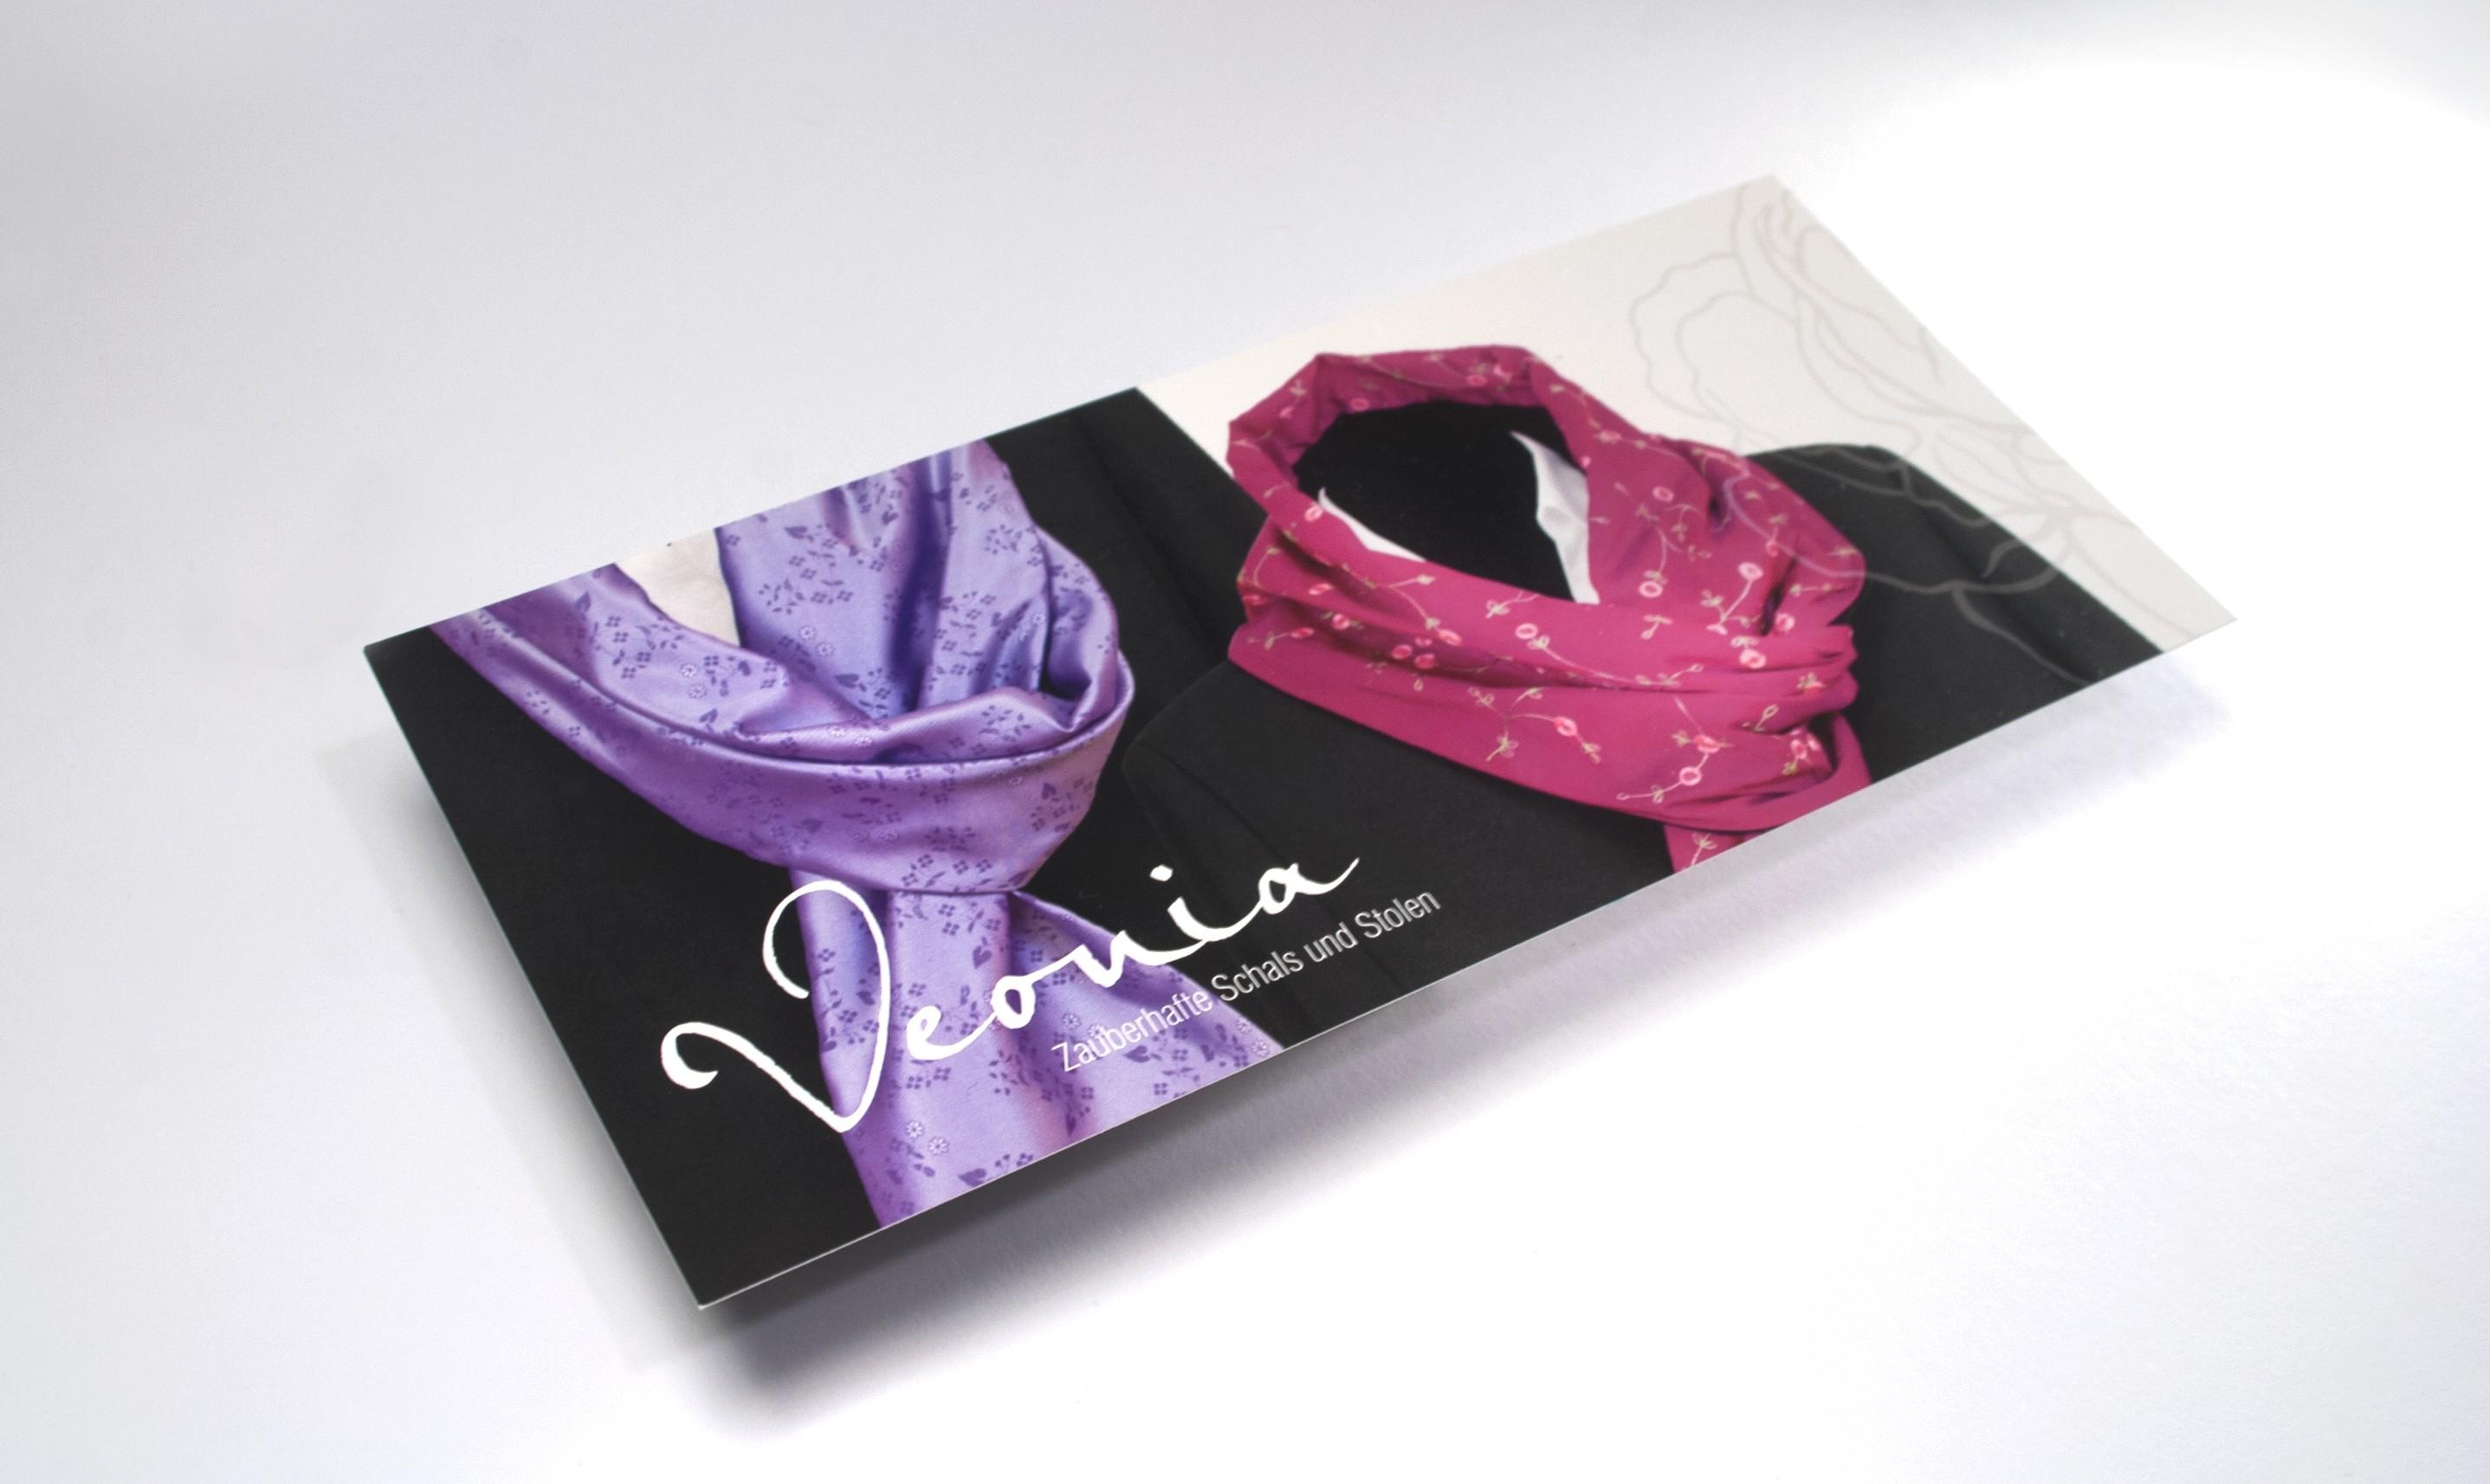 Introbild für das Projekt Veonia